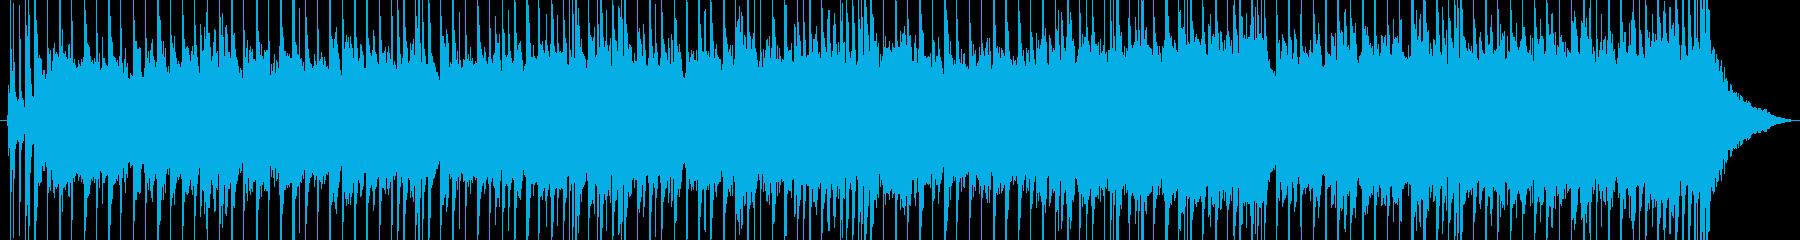 エレキギターによるバラードの再生済みの波形